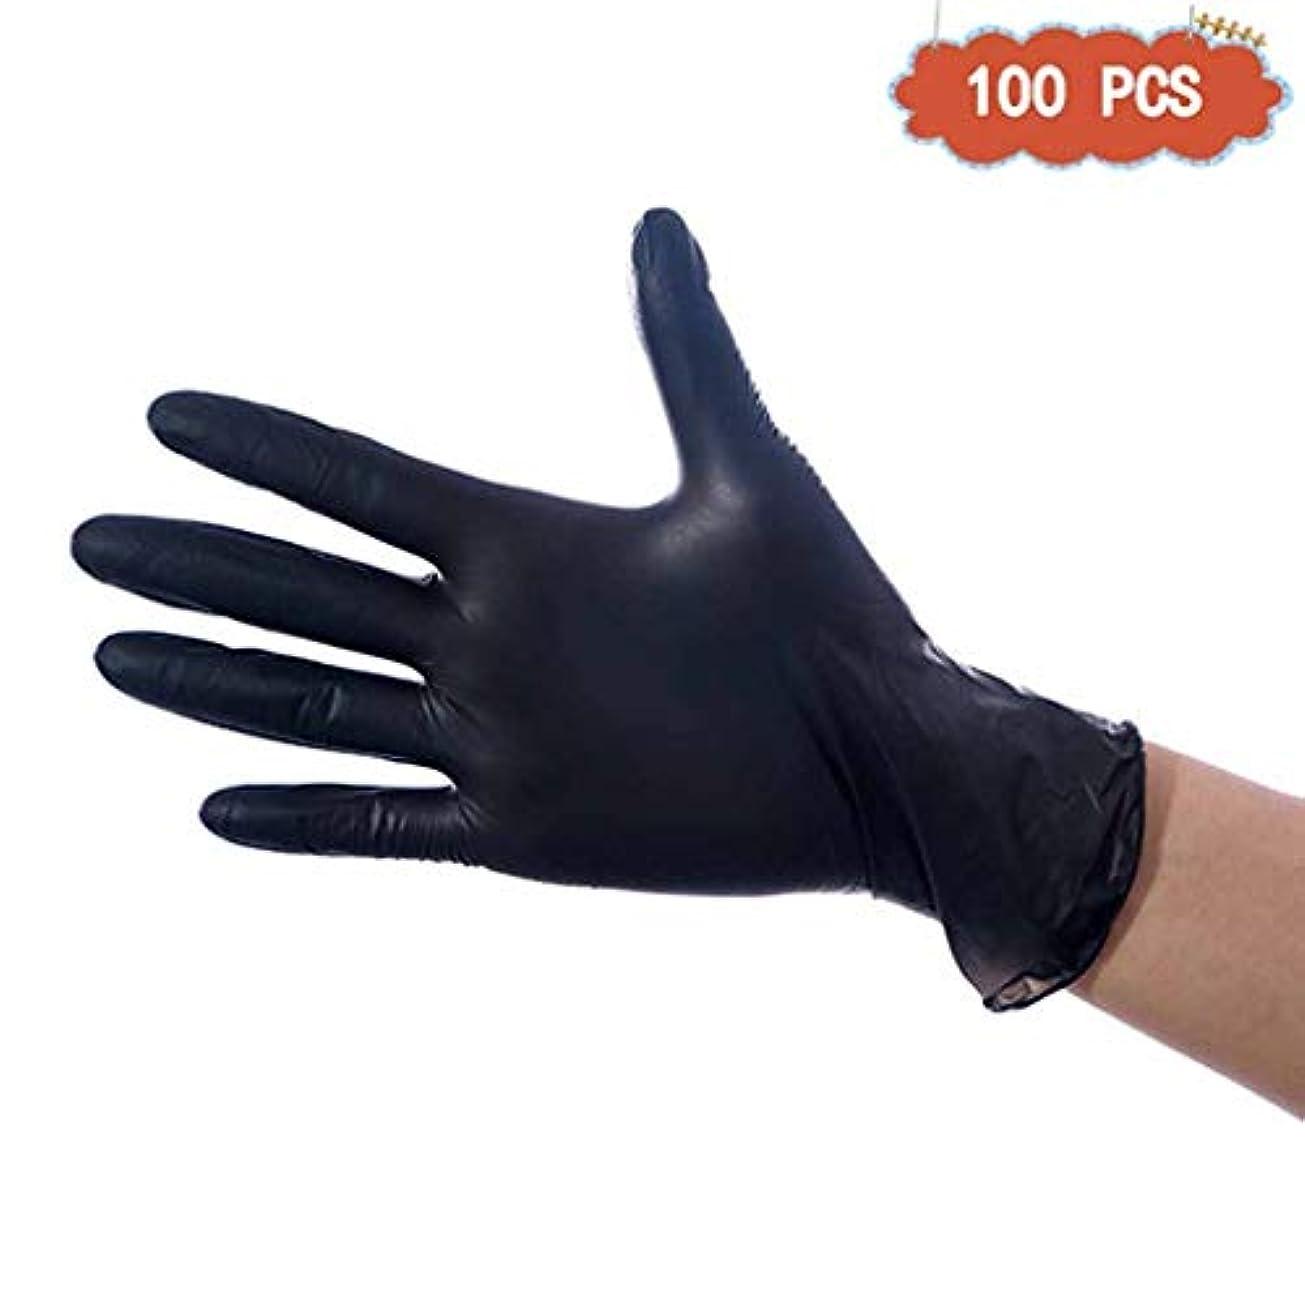 お茶かご策定するニトリル手袋手袋9インチネイルアートブラックニトリル保護手袋キッチンシェフオイルラテックスフリー、パウダーフリー、100個 (Size : M)